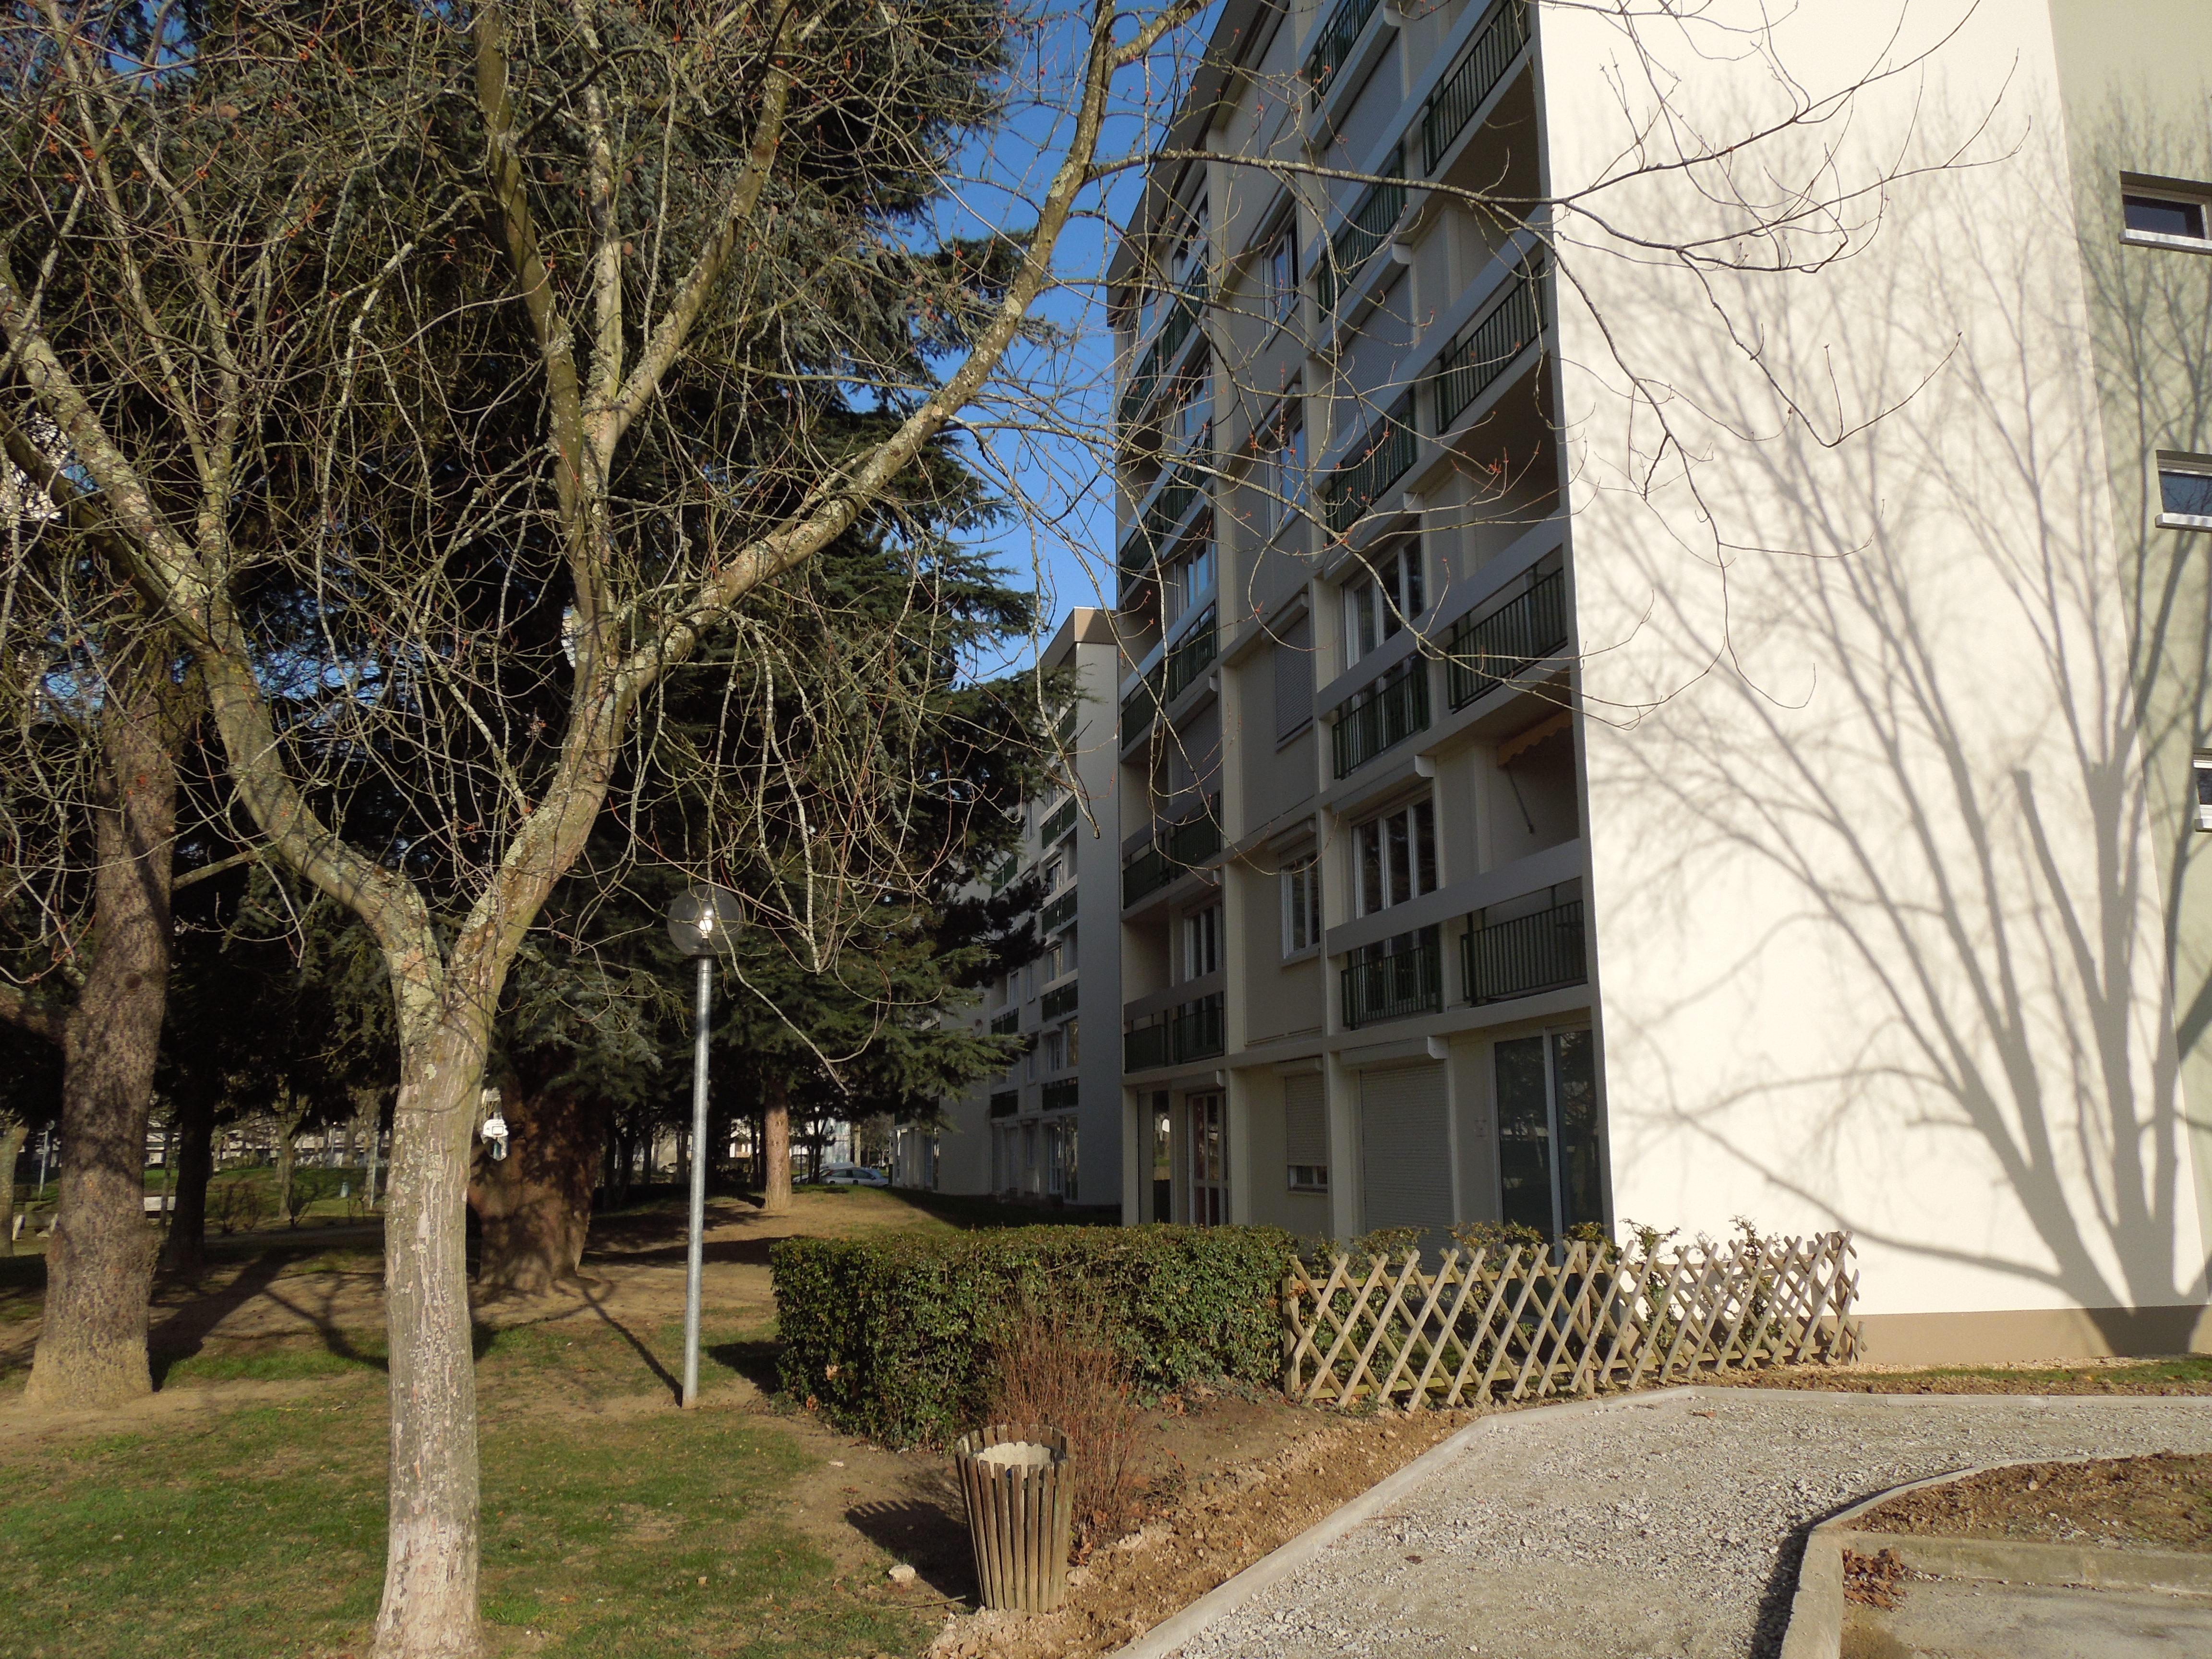 Cabinet lutz services en immobilier leonard de vinci - Cabinet branchereau immobilier angers ...